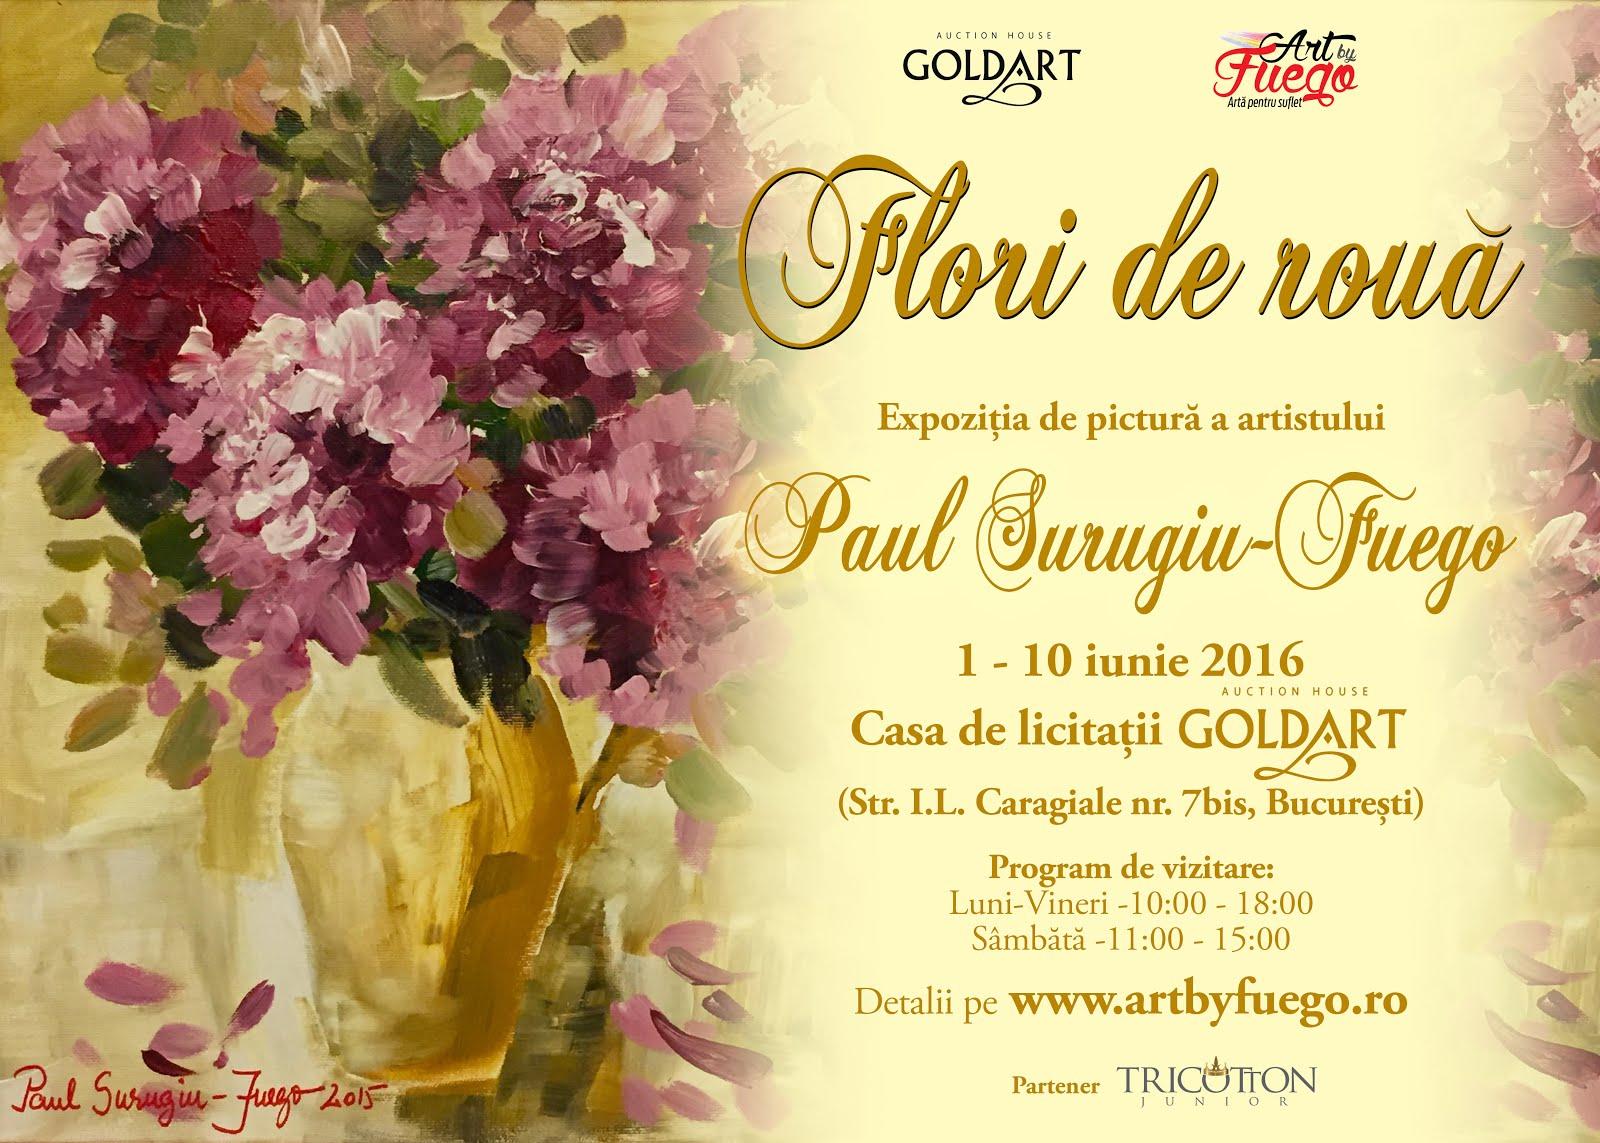 """""""Flori de rouă"""" - Expoziția de pictură a artistului Paul Surugiu - FUEGO, 1-10 iunie 2016"""